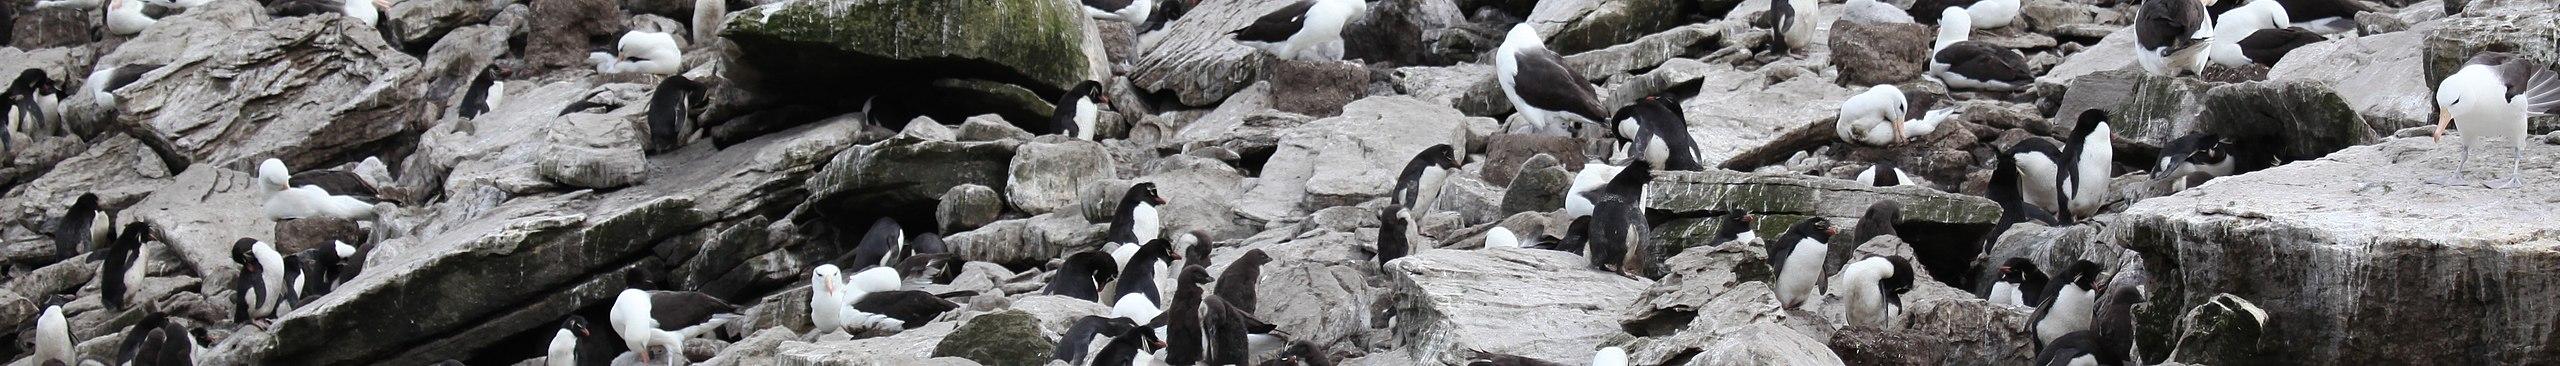 West point island wikivoyage guida turistica di viaggio for Hopper finestra sul mare